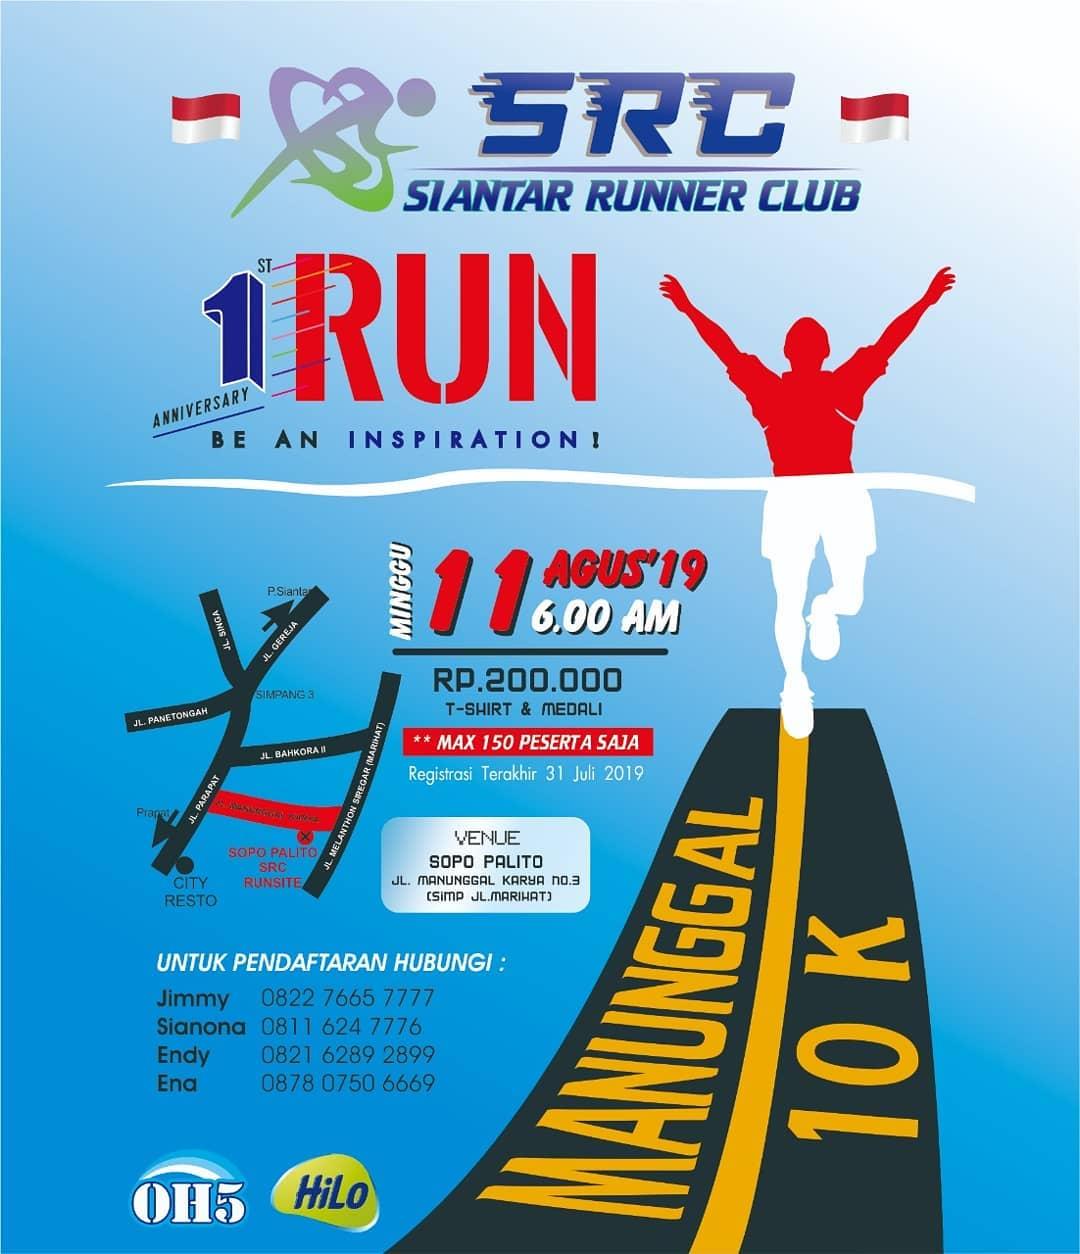 Siantar Runner Club / SRC 1st Anniversary Run • 2019